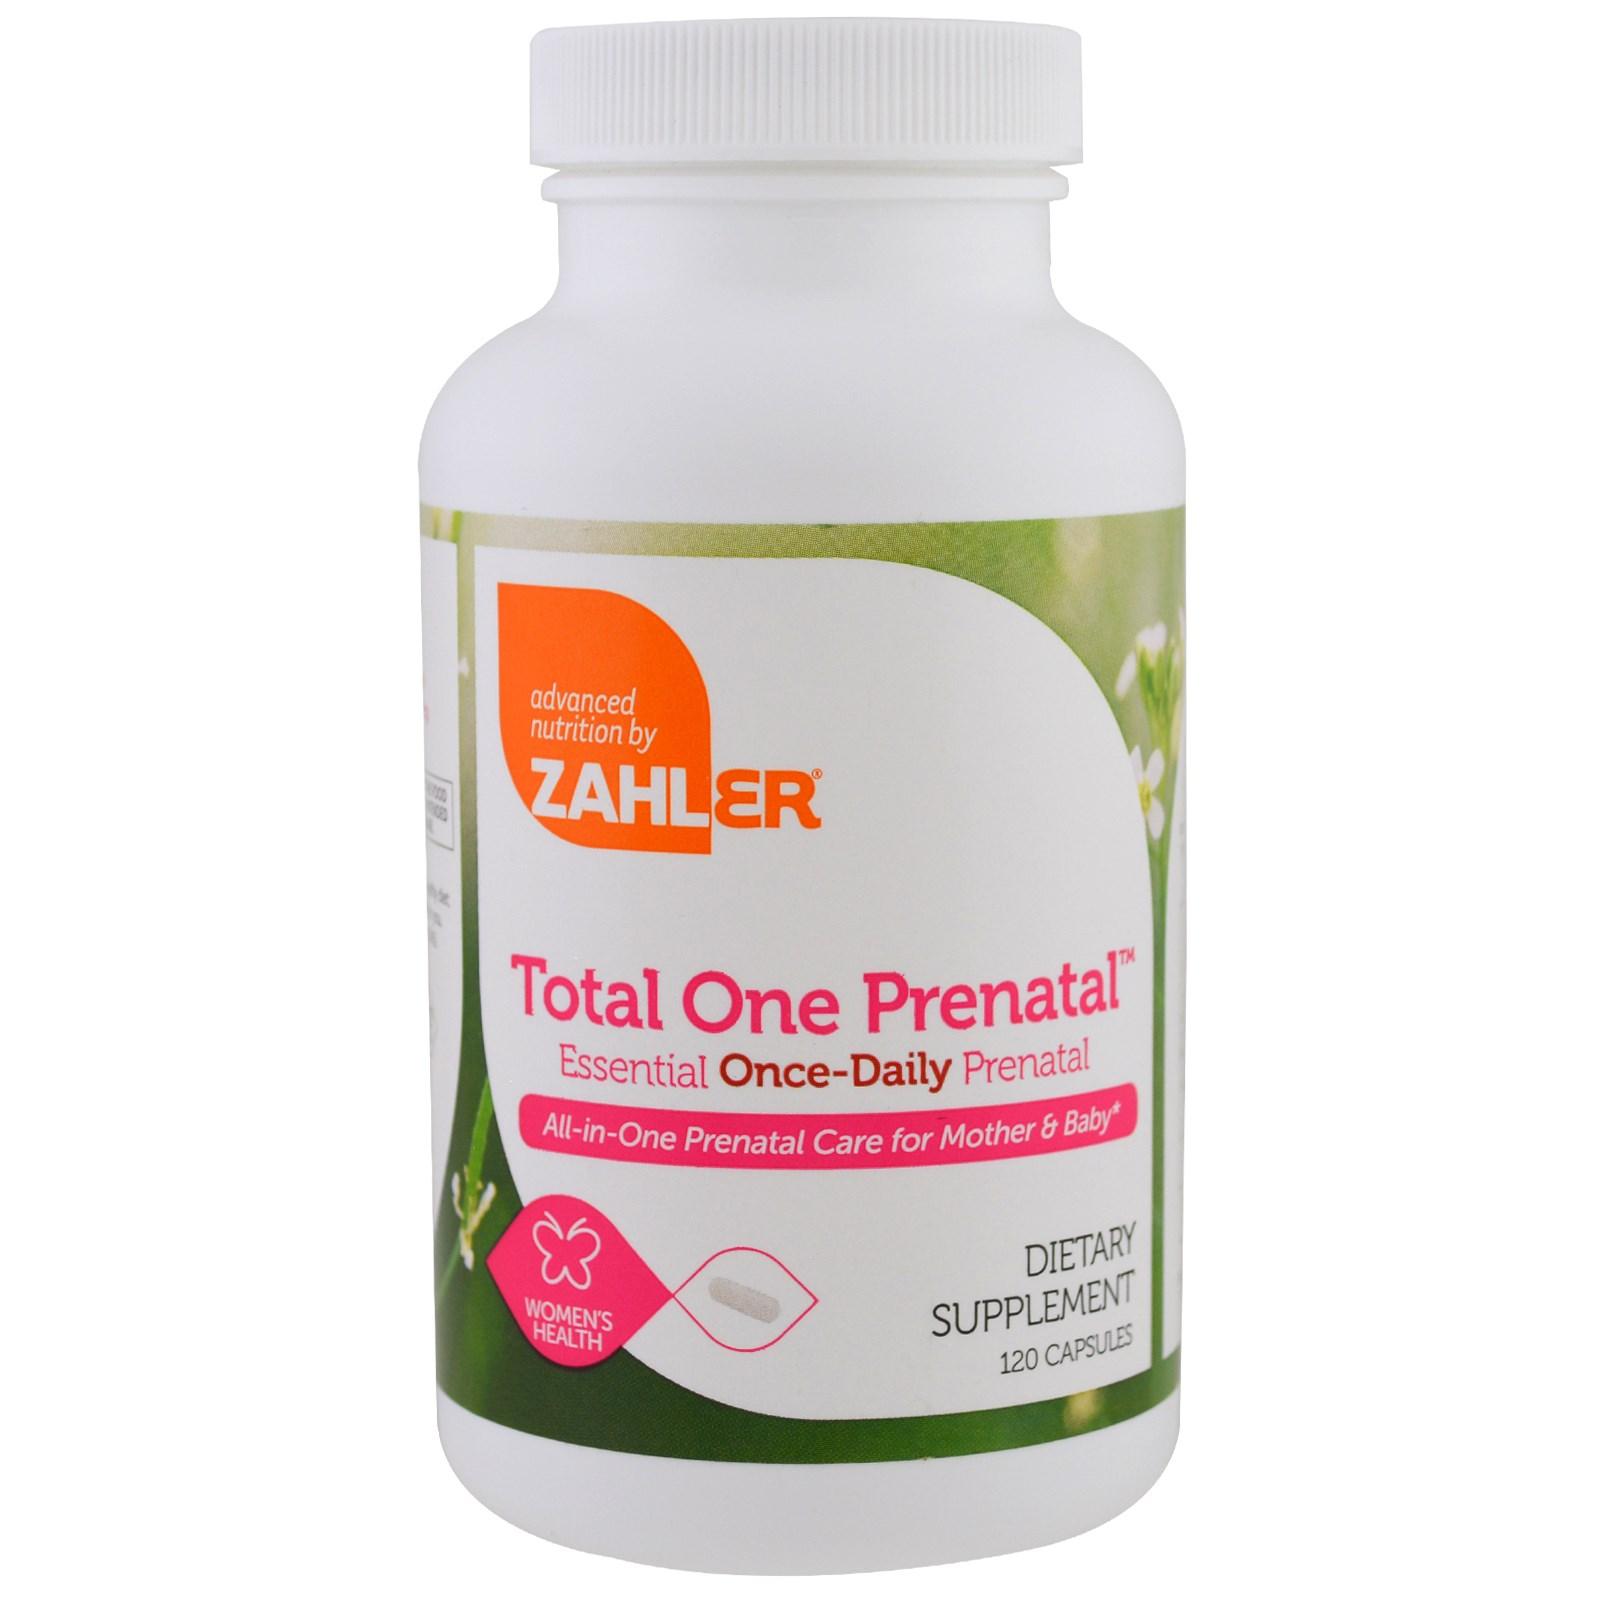 Zahler, Дородовое средство Total One, важнейшее дородовое средство, принимаемое 1 раз в день, 120 капсул